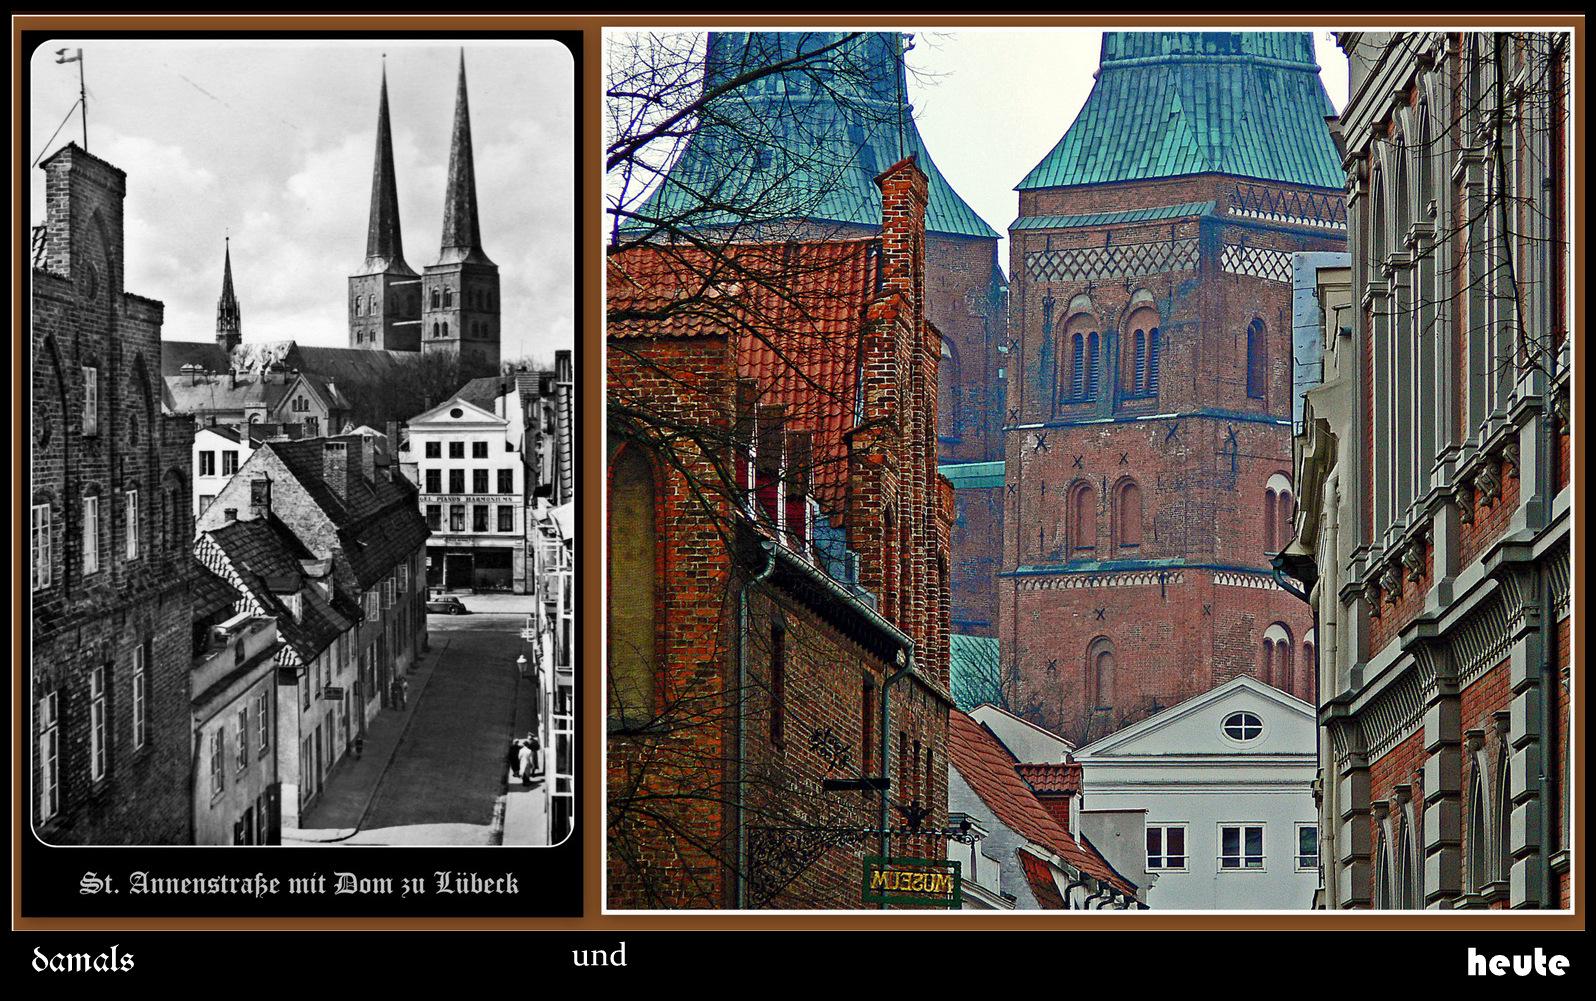 ein noch etwas näherer Blick auf den Dom als bei dem ersten Bild